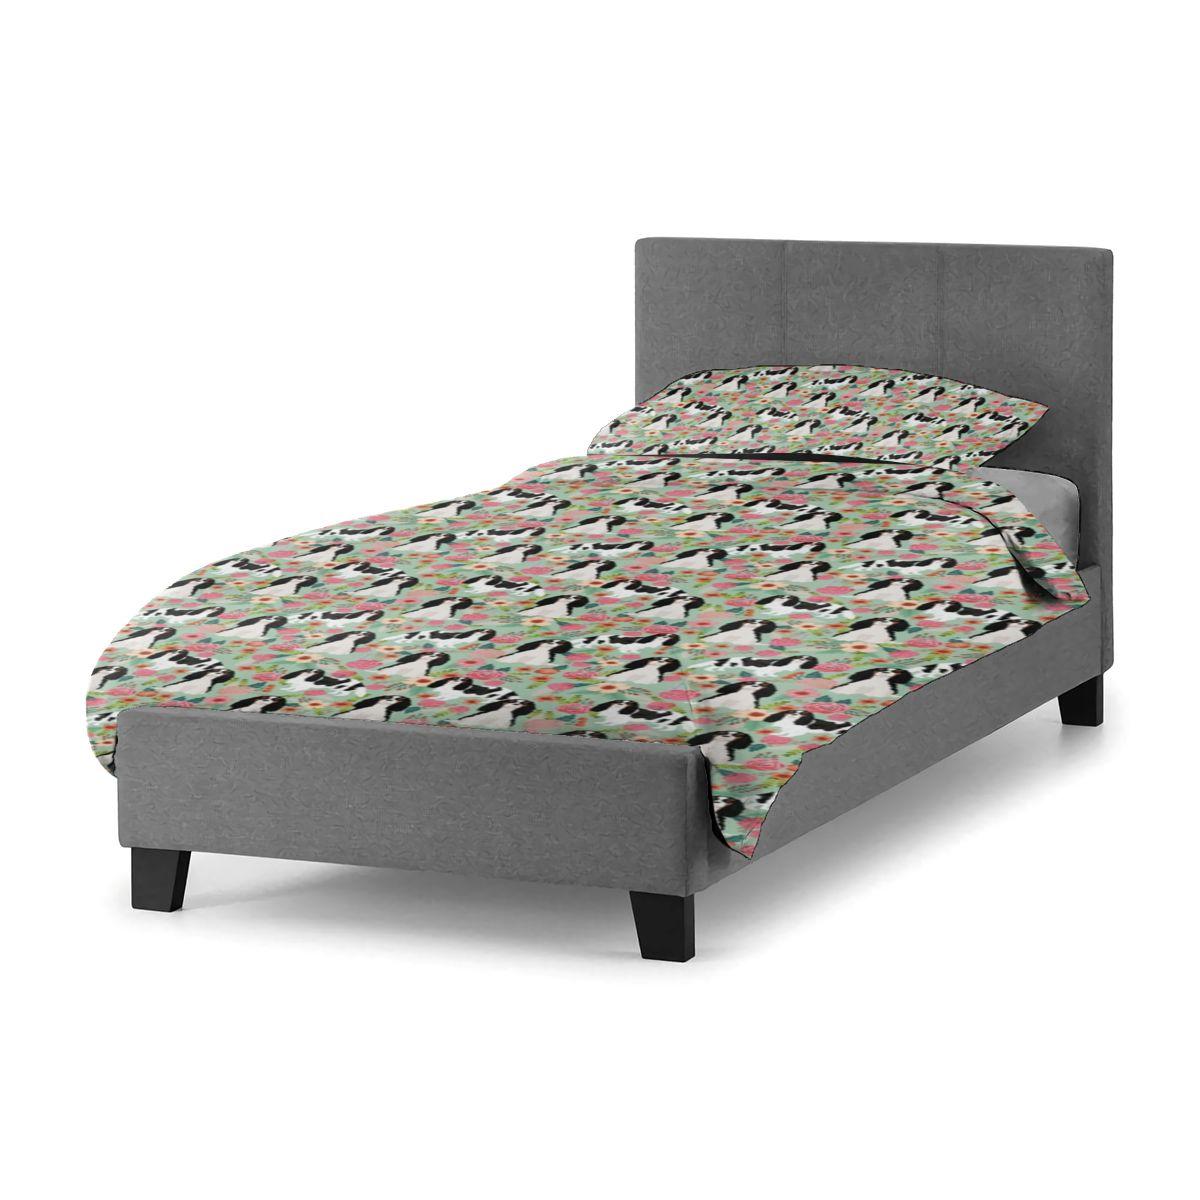 طقم سرير الكلب الكبار رخيصة أغطية سرير غطاء مجموعة ورقة فندق خمر